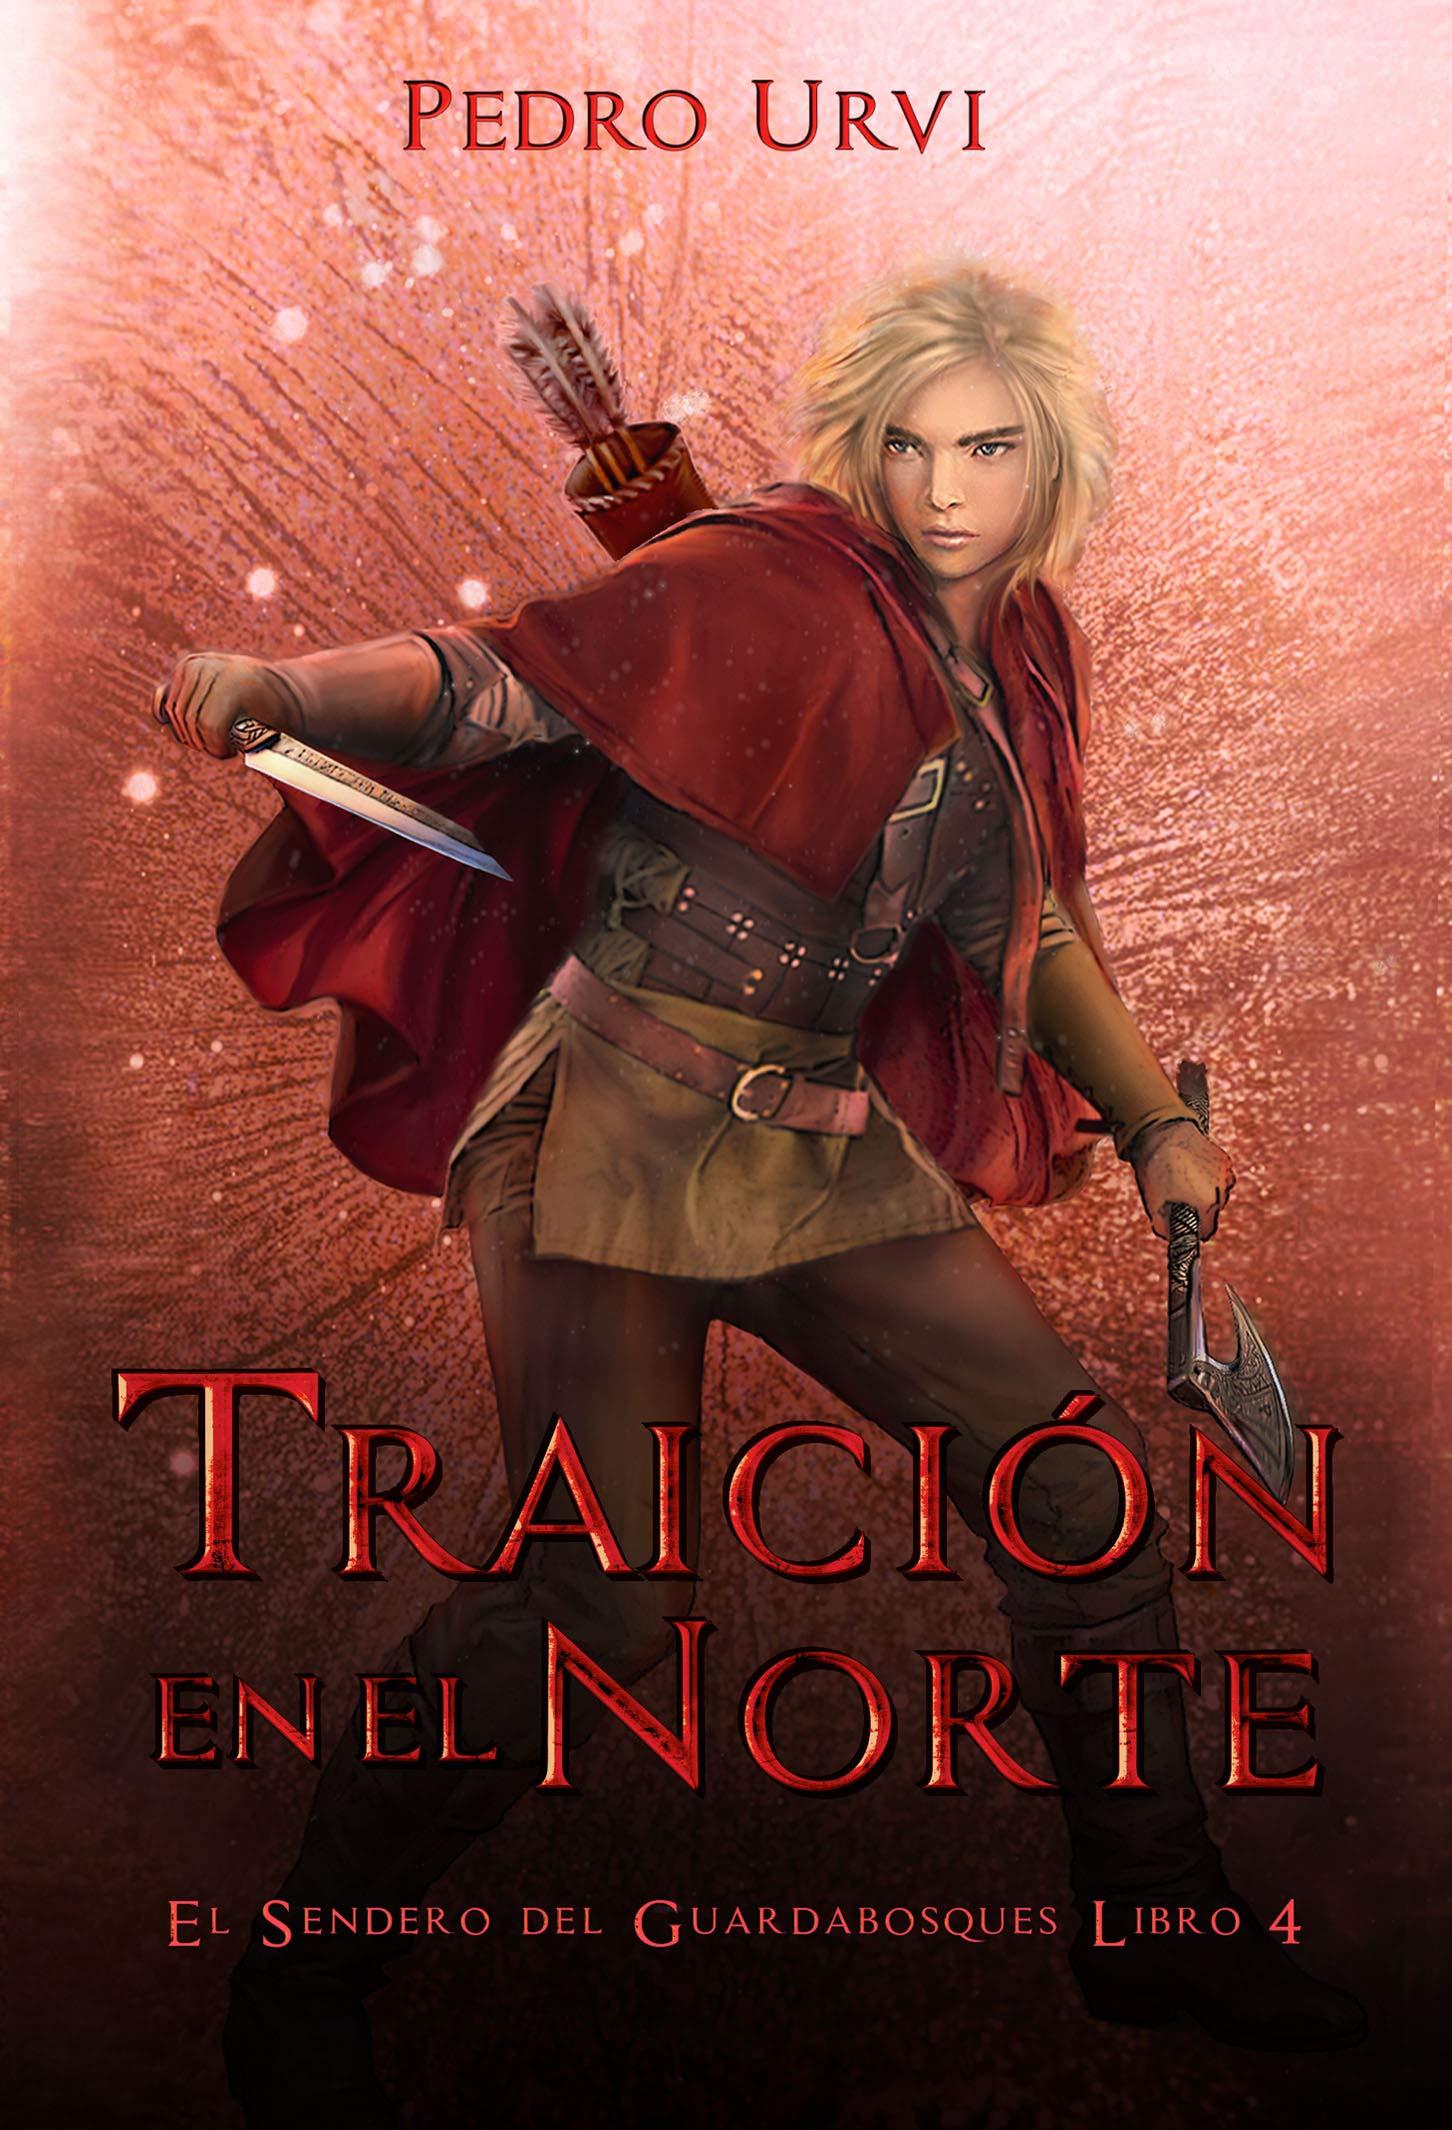 Traición en el Norte: (El Sendero del Guardabosques, Libro 4) por Pedro Urvi